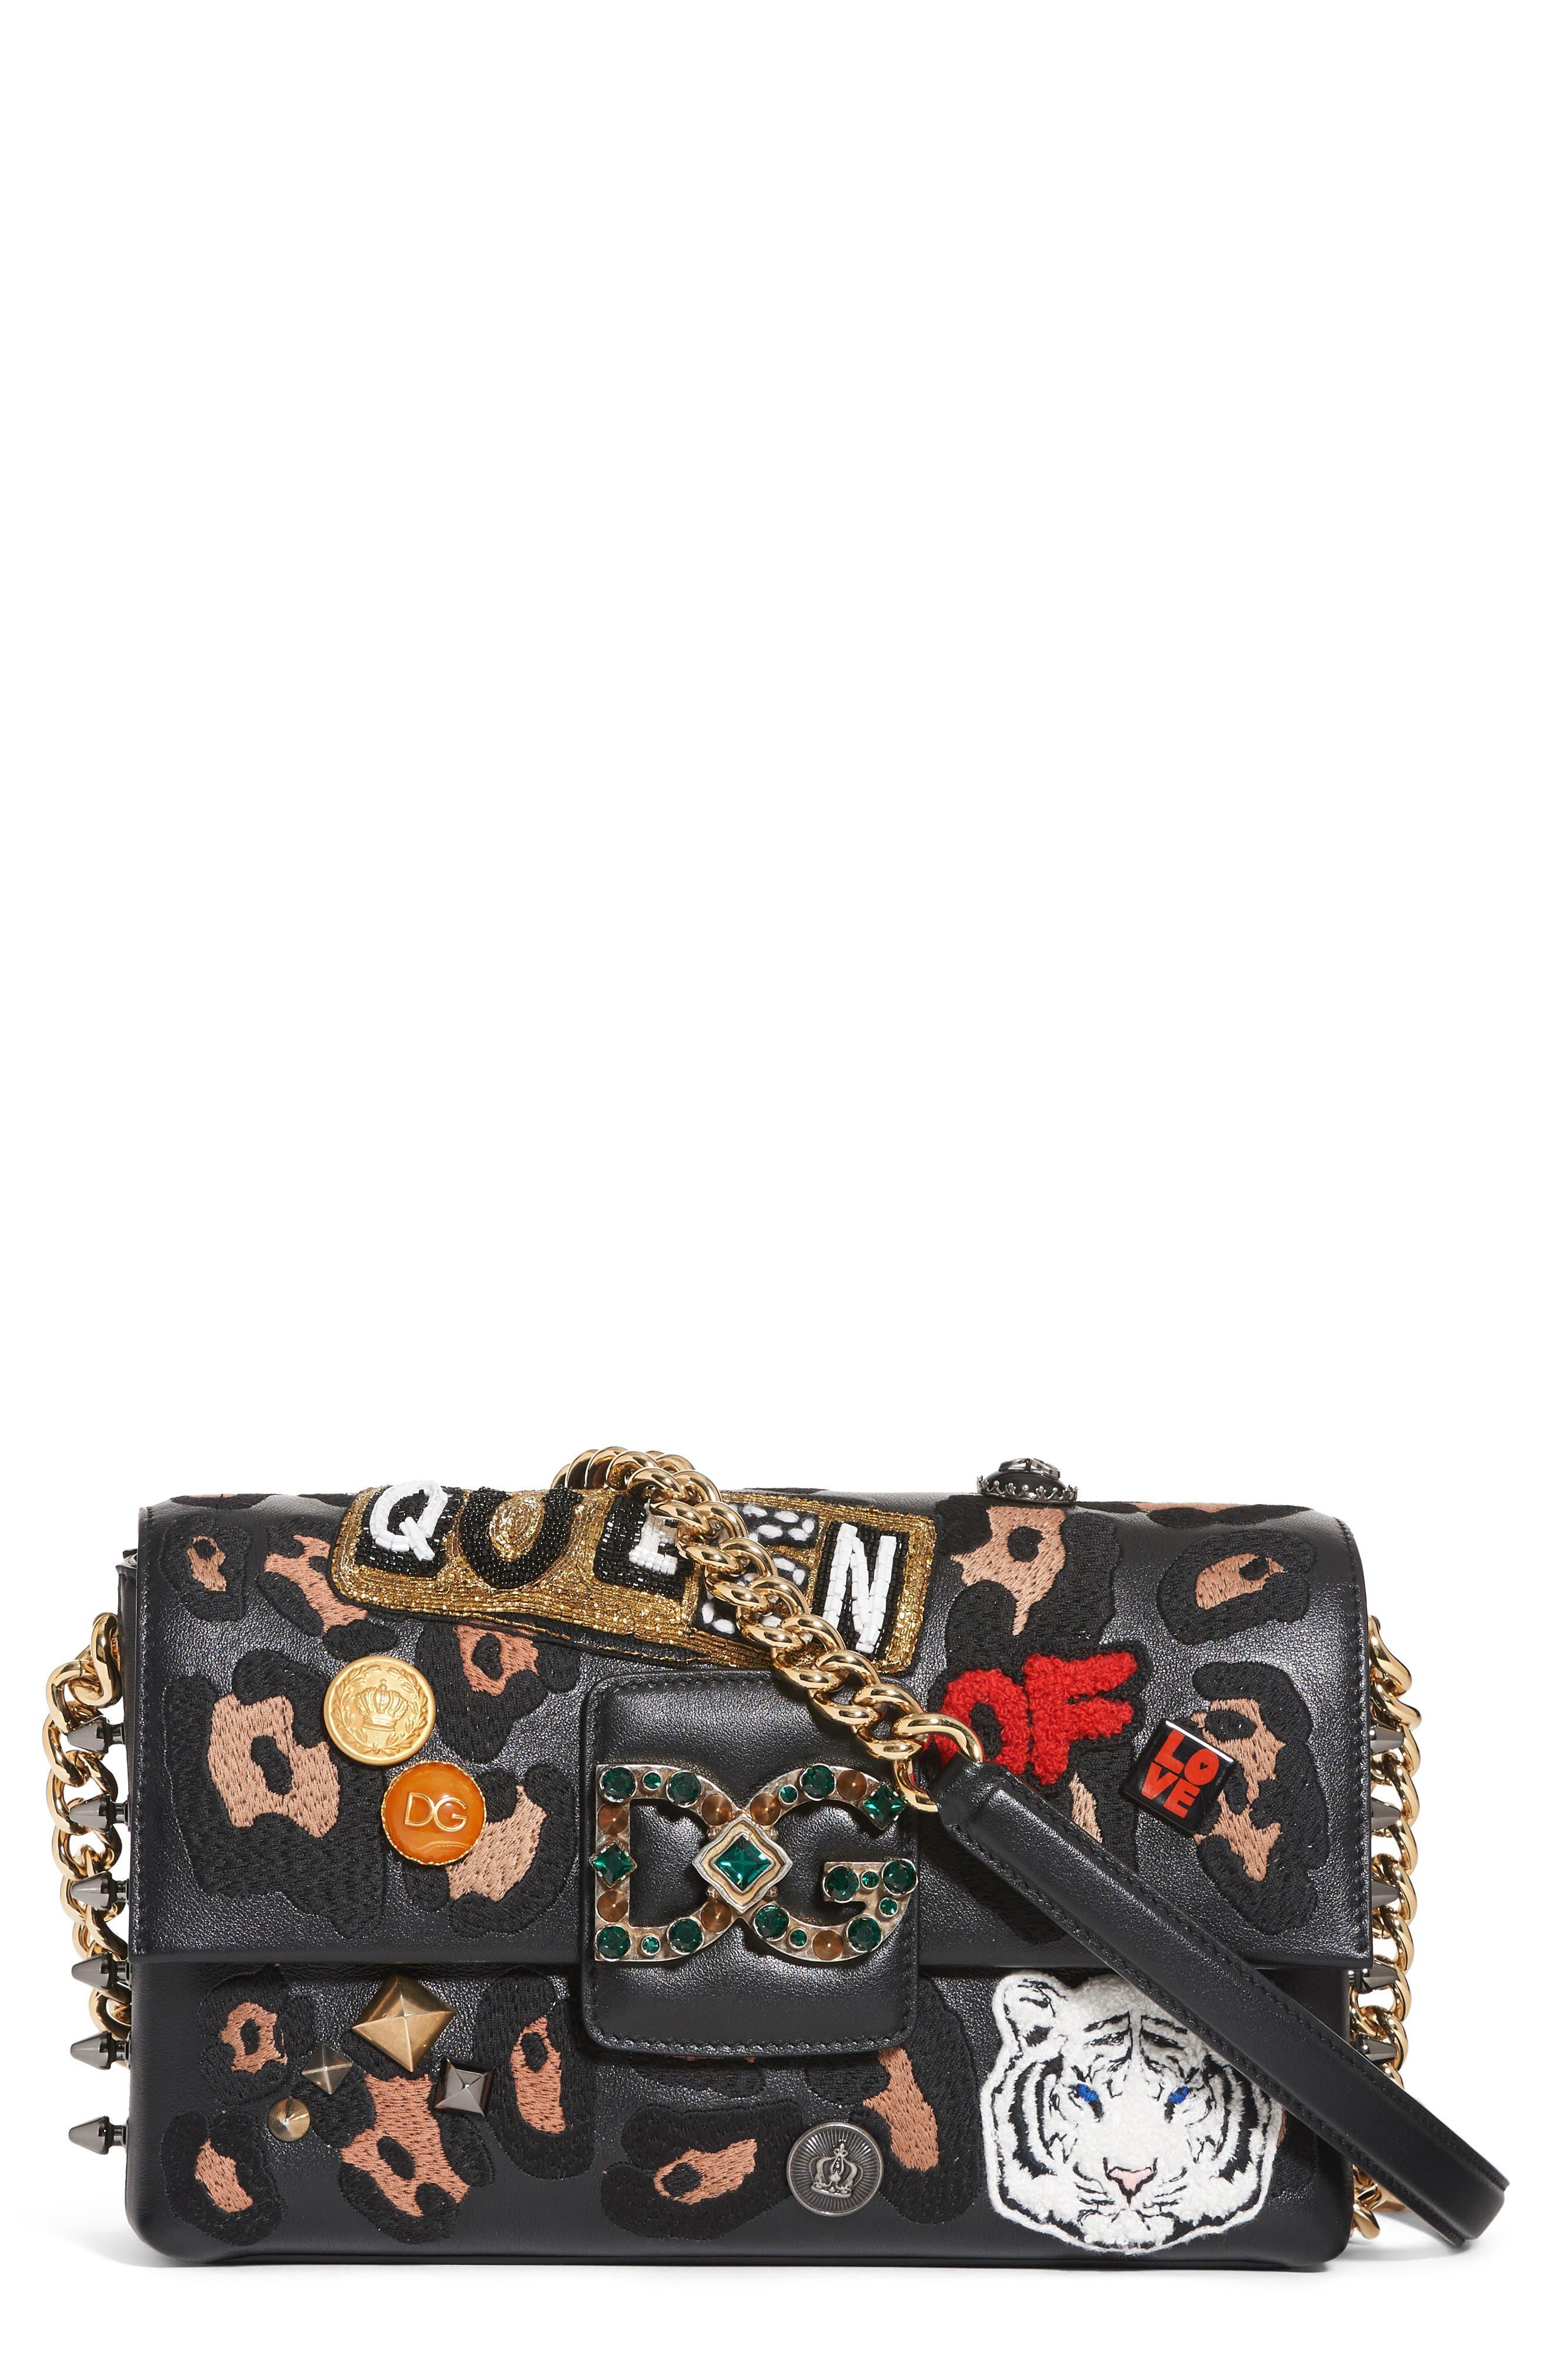 Alternate Image 1 Selected - Dolce&Gabbana Millennials Embellished Leather Shoulder Bag